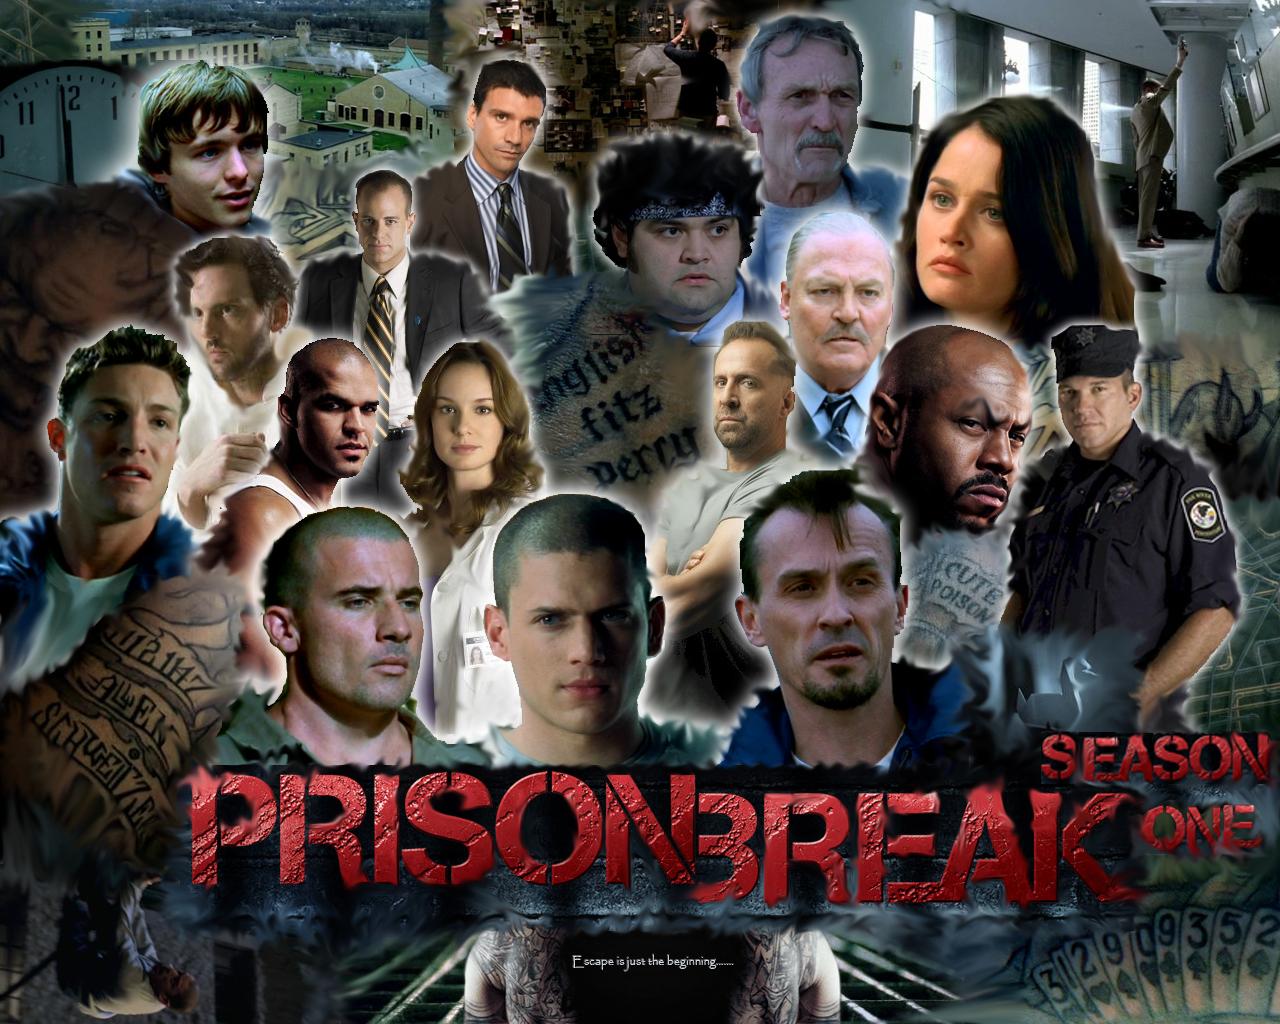 Prison Break Season One By Hoopsfan On Deviantart